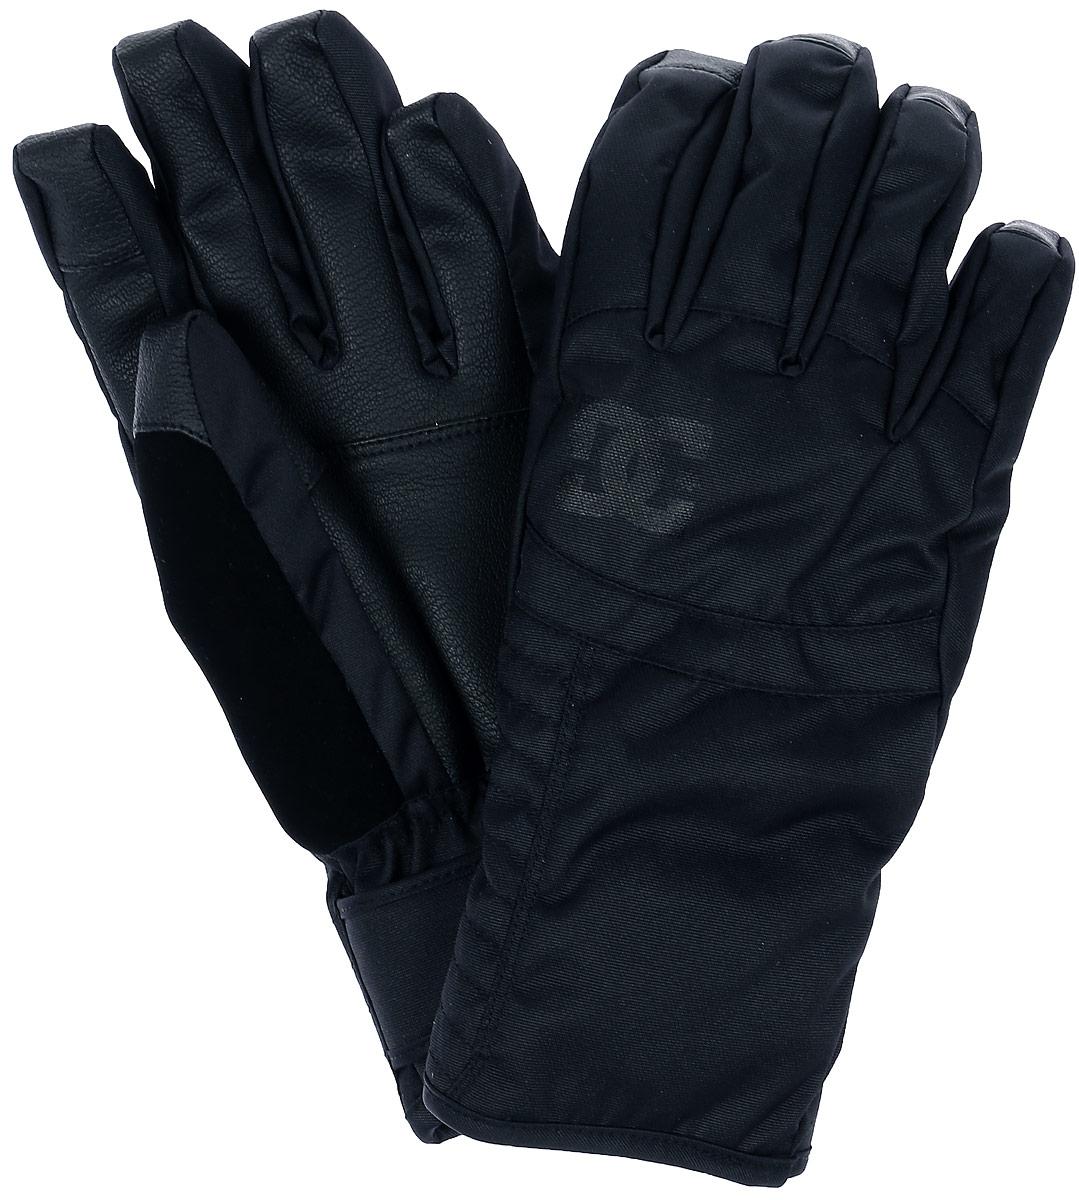 ПерчаткиEDJHN03007-KVJ0Женские перчатки DC Shoes Seger Wmn Glove выполнены из высококачественного полиэстера и полиуретана, которые не пропускают воду. Модель оформлена декоративной прострочкой и принтом с изображением логотипа бренда. Варежки дополнены эластичными резинками и ремнем с липучкой, которые надежно зафиксируют модель на запястье, не сдавливая его. Внутренняя поверхность выполнена из мягкого утепленного полиэстера. Также перчатки оснащены застежкой-фастексом.